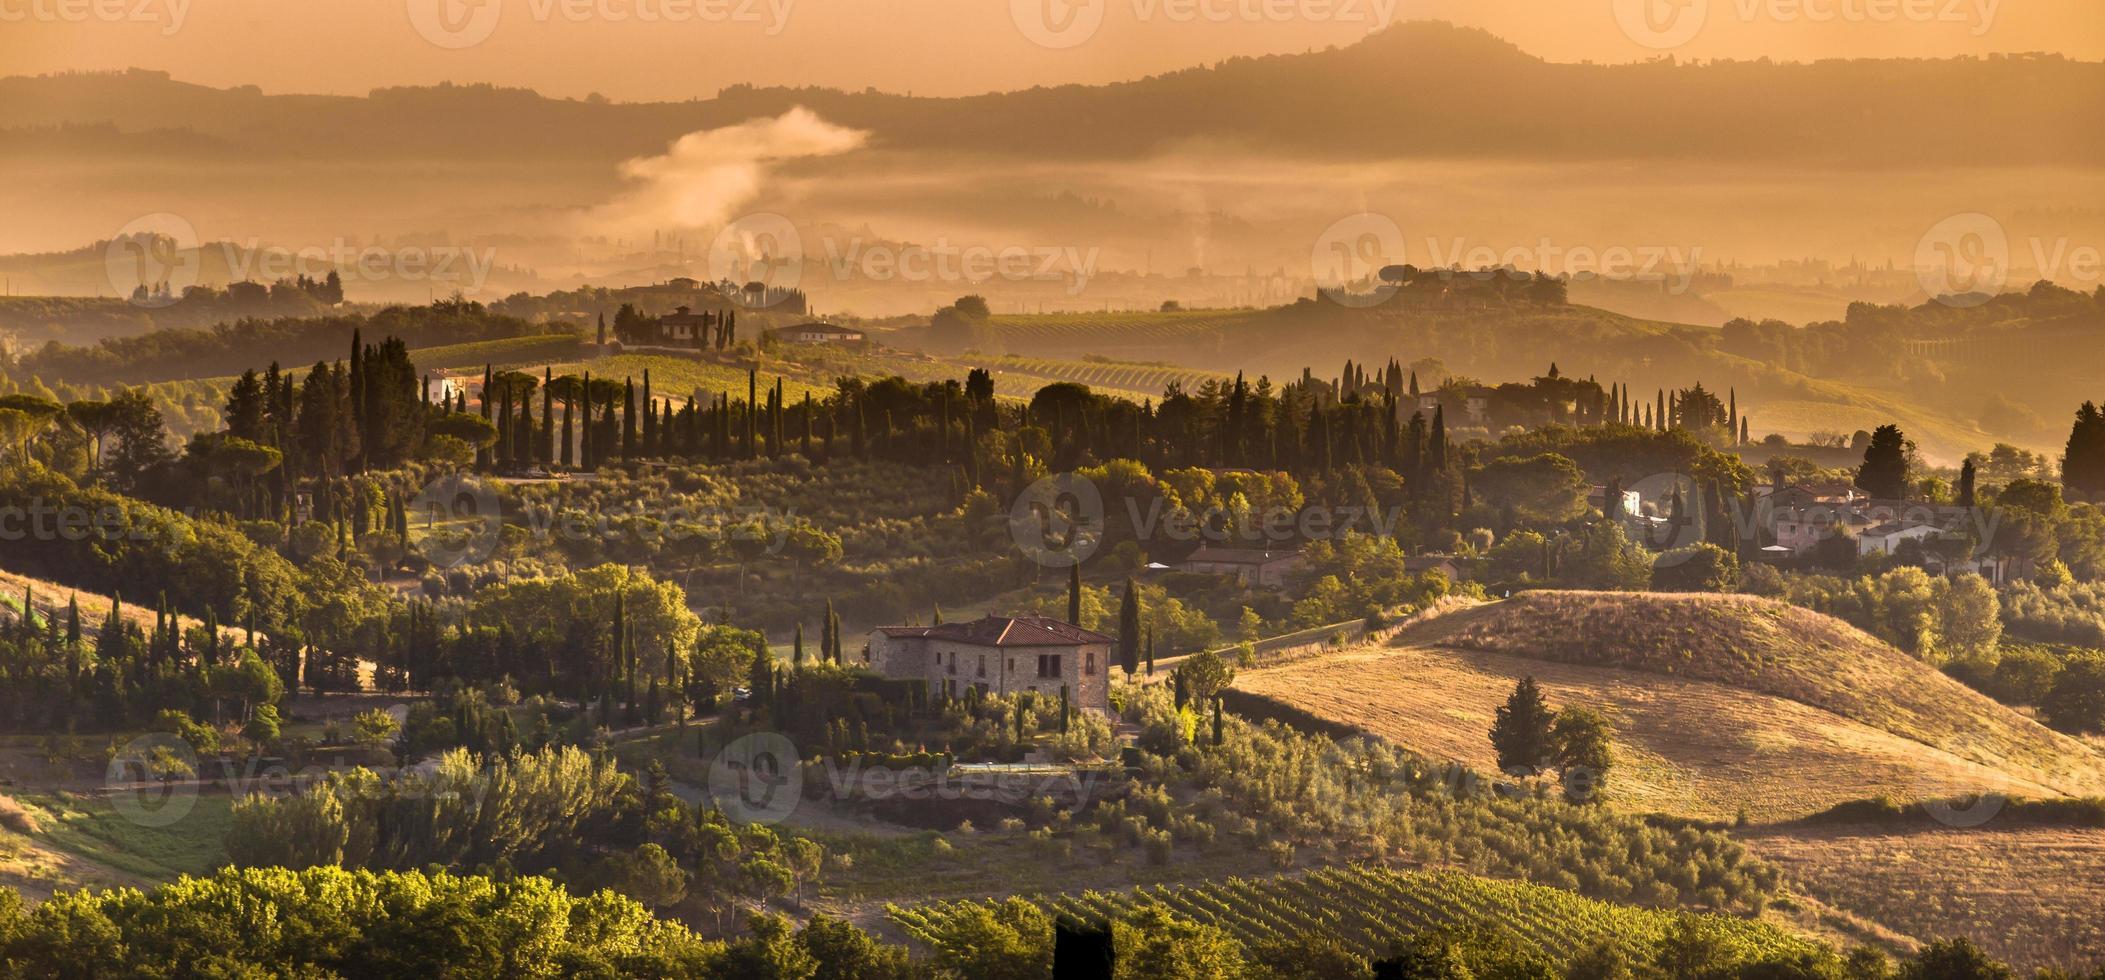 panorama del villaggio toscano foto